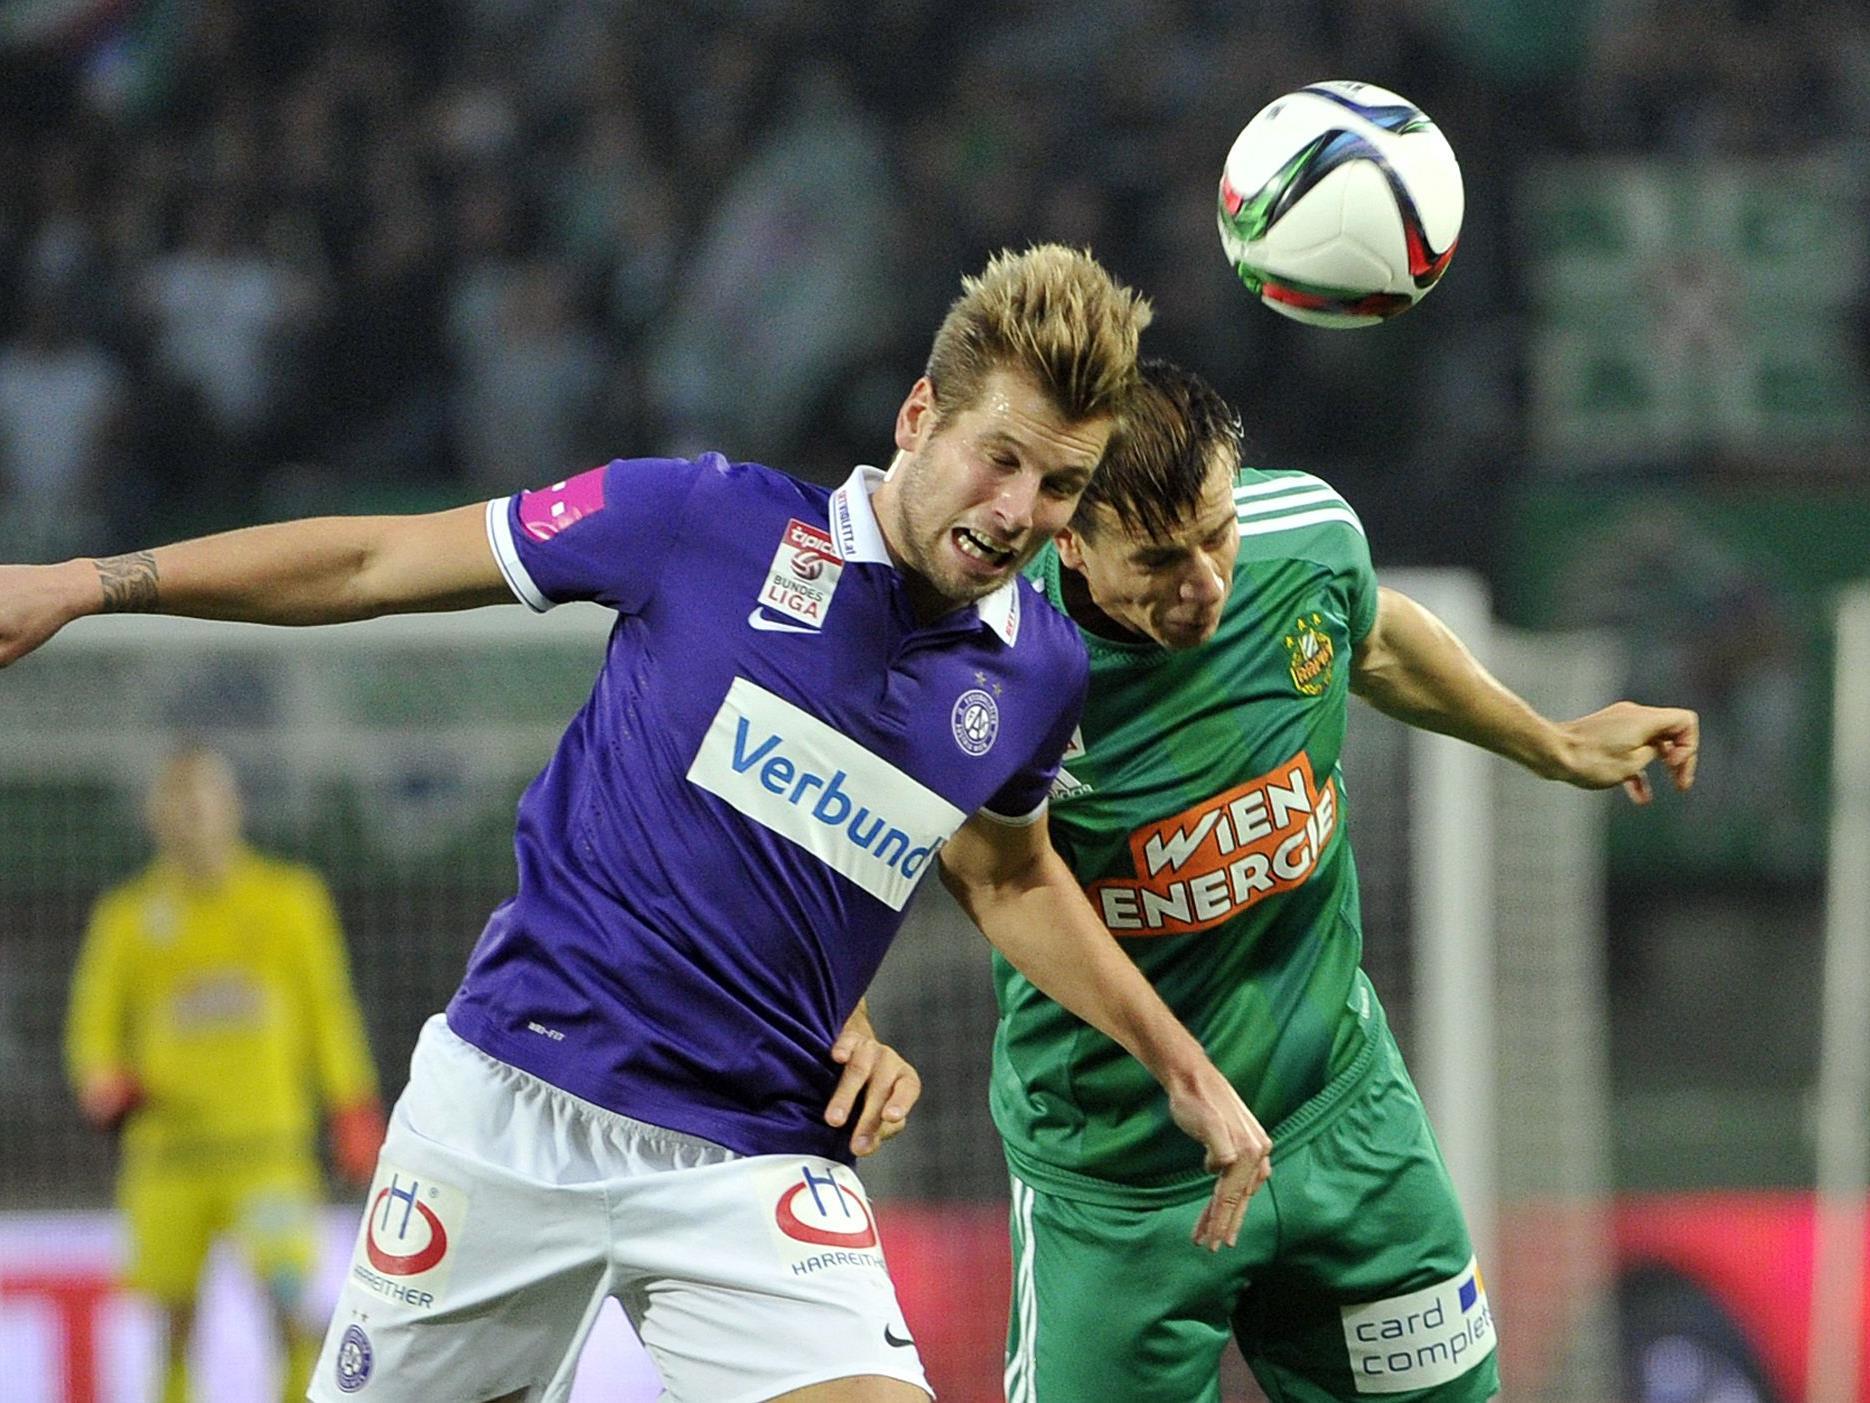 Wiener Derby: LIVE-Ticker zum Spiel FK Austria Wien gegen Rapid Wien ab 16.30 Uhr.